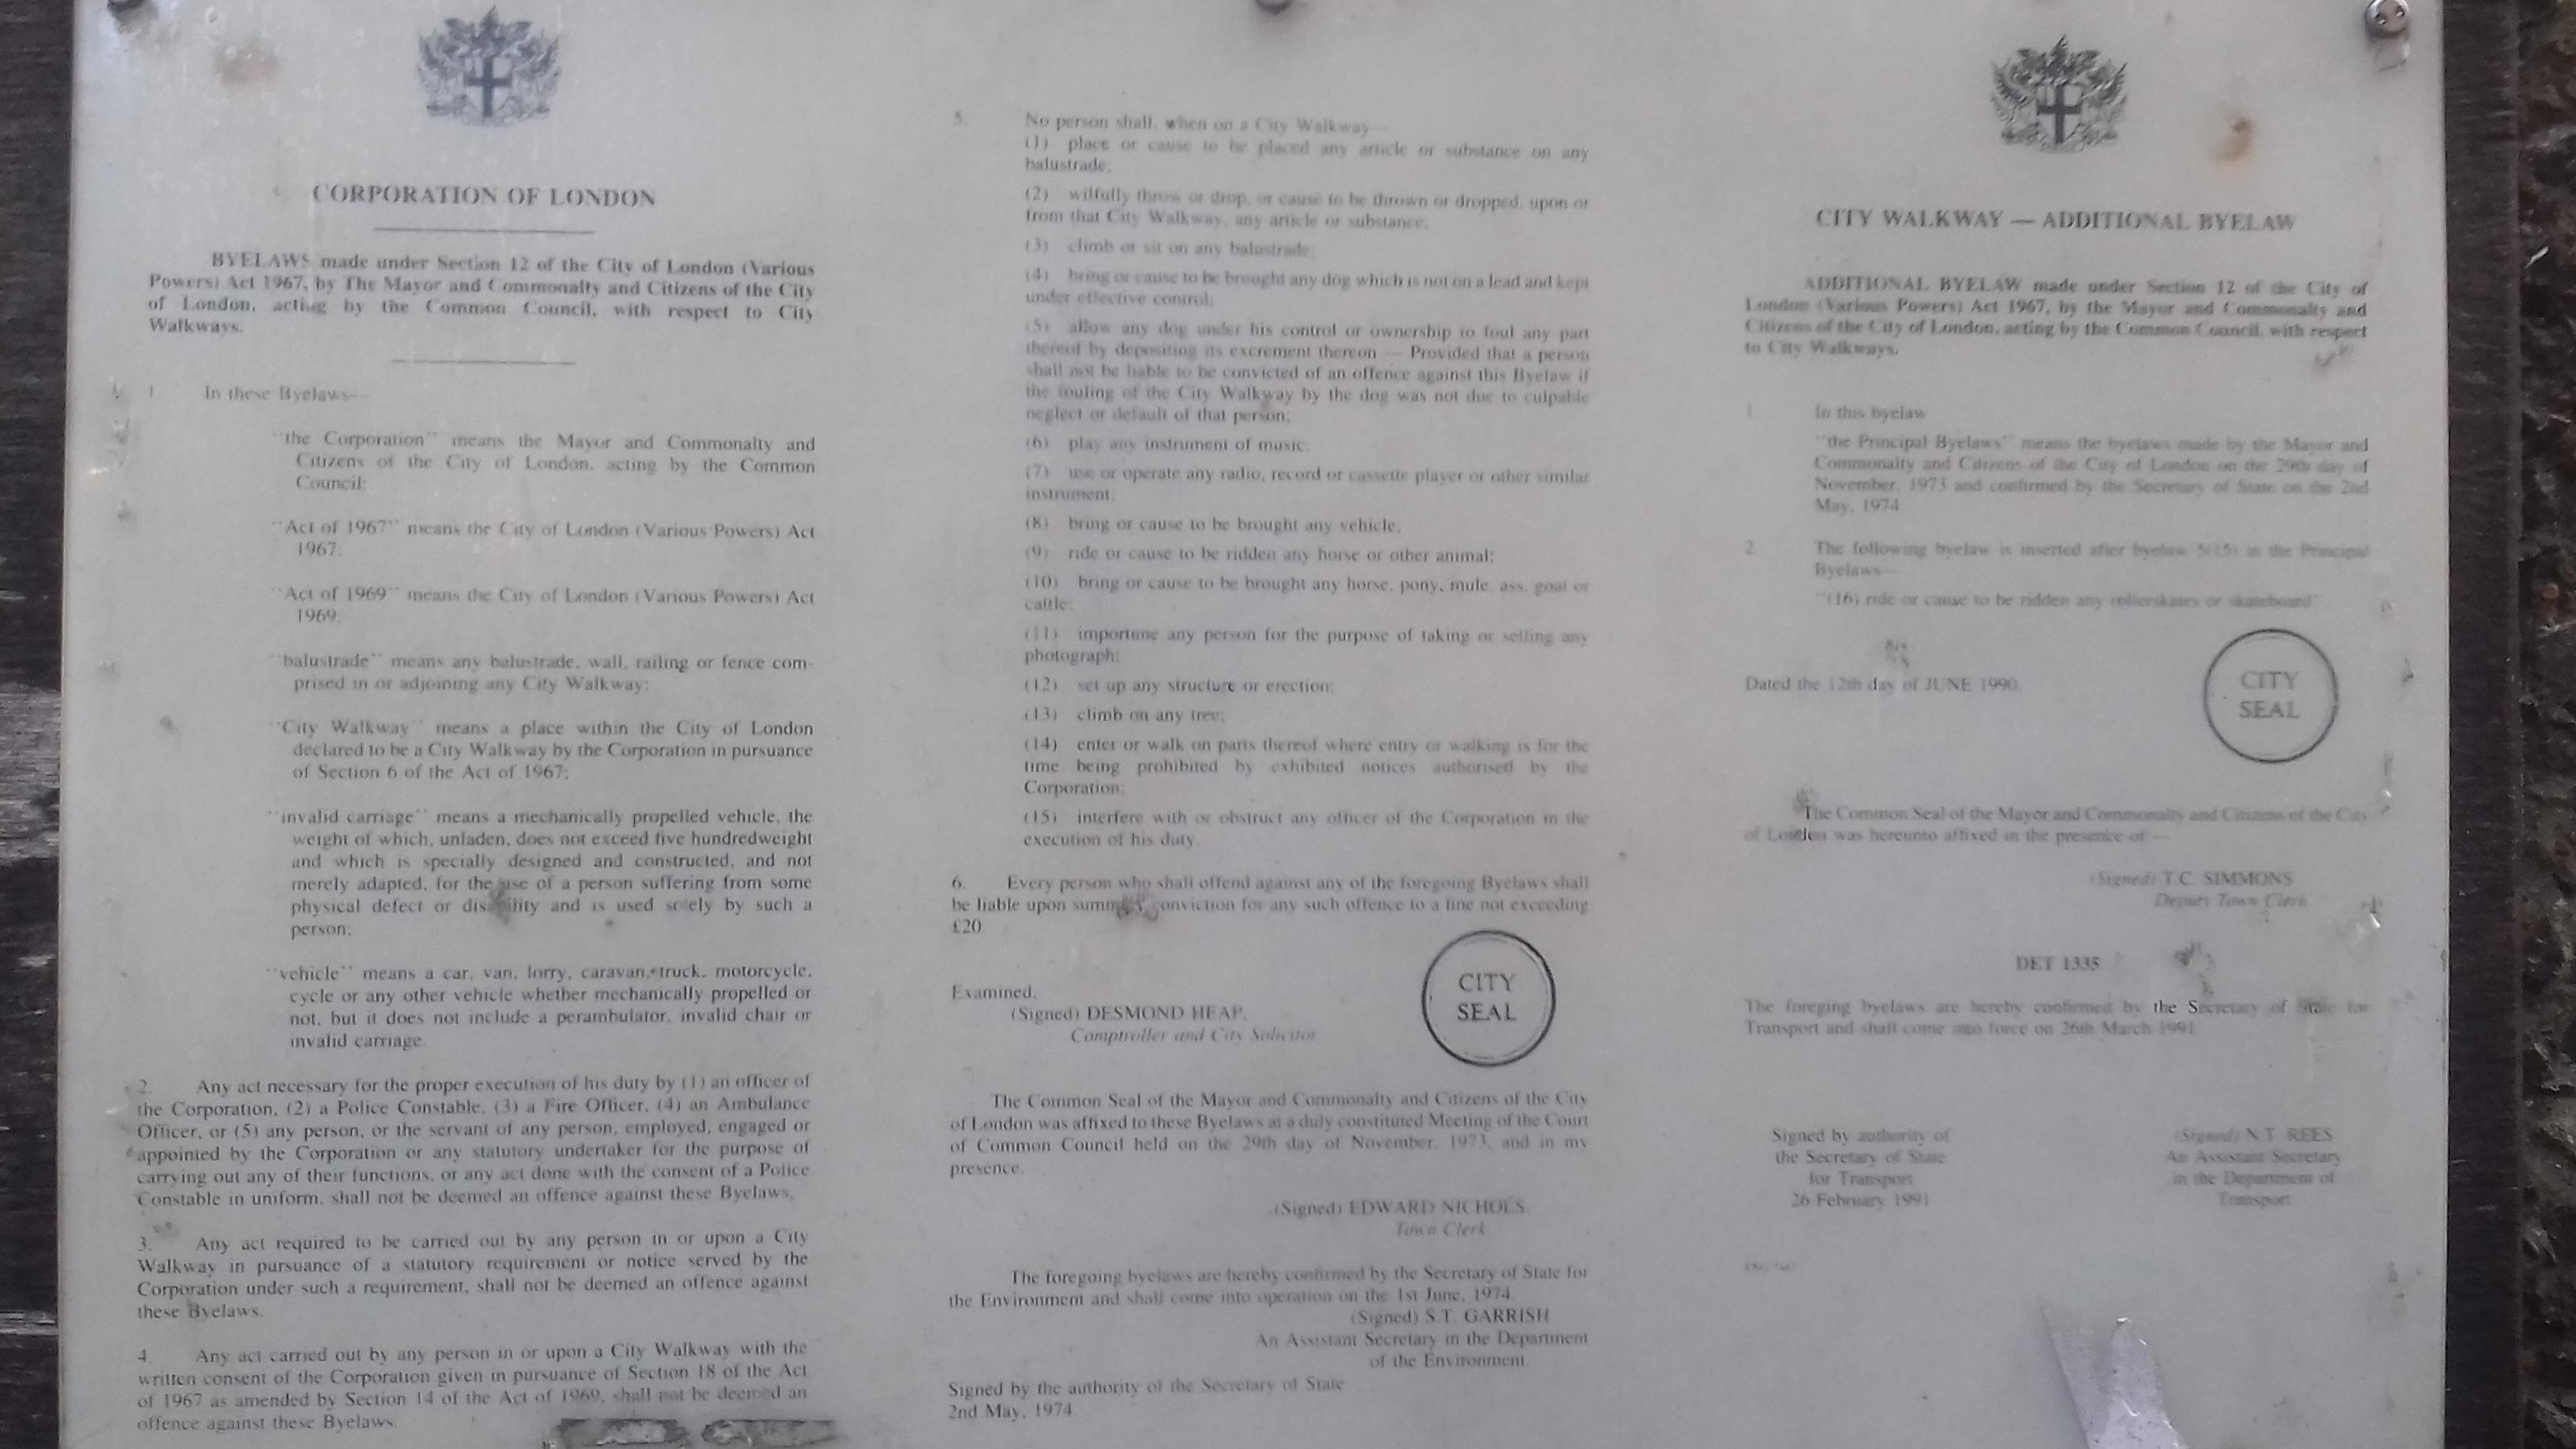 barbican rules